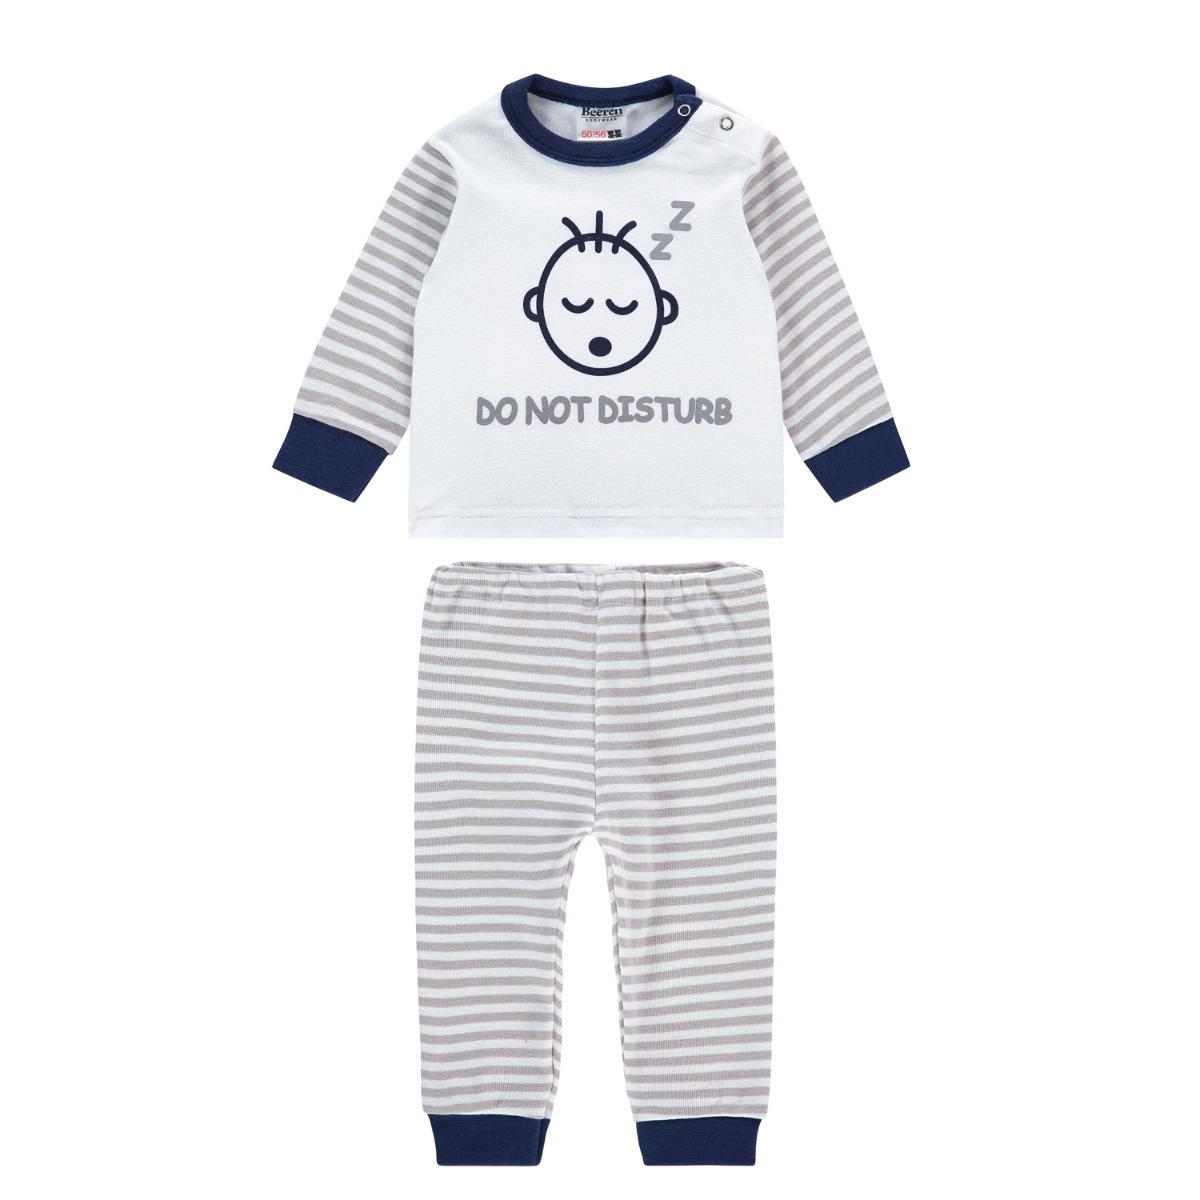 Beeren M3000 Baby Pyjama Do Not Disturb Grey 86/92